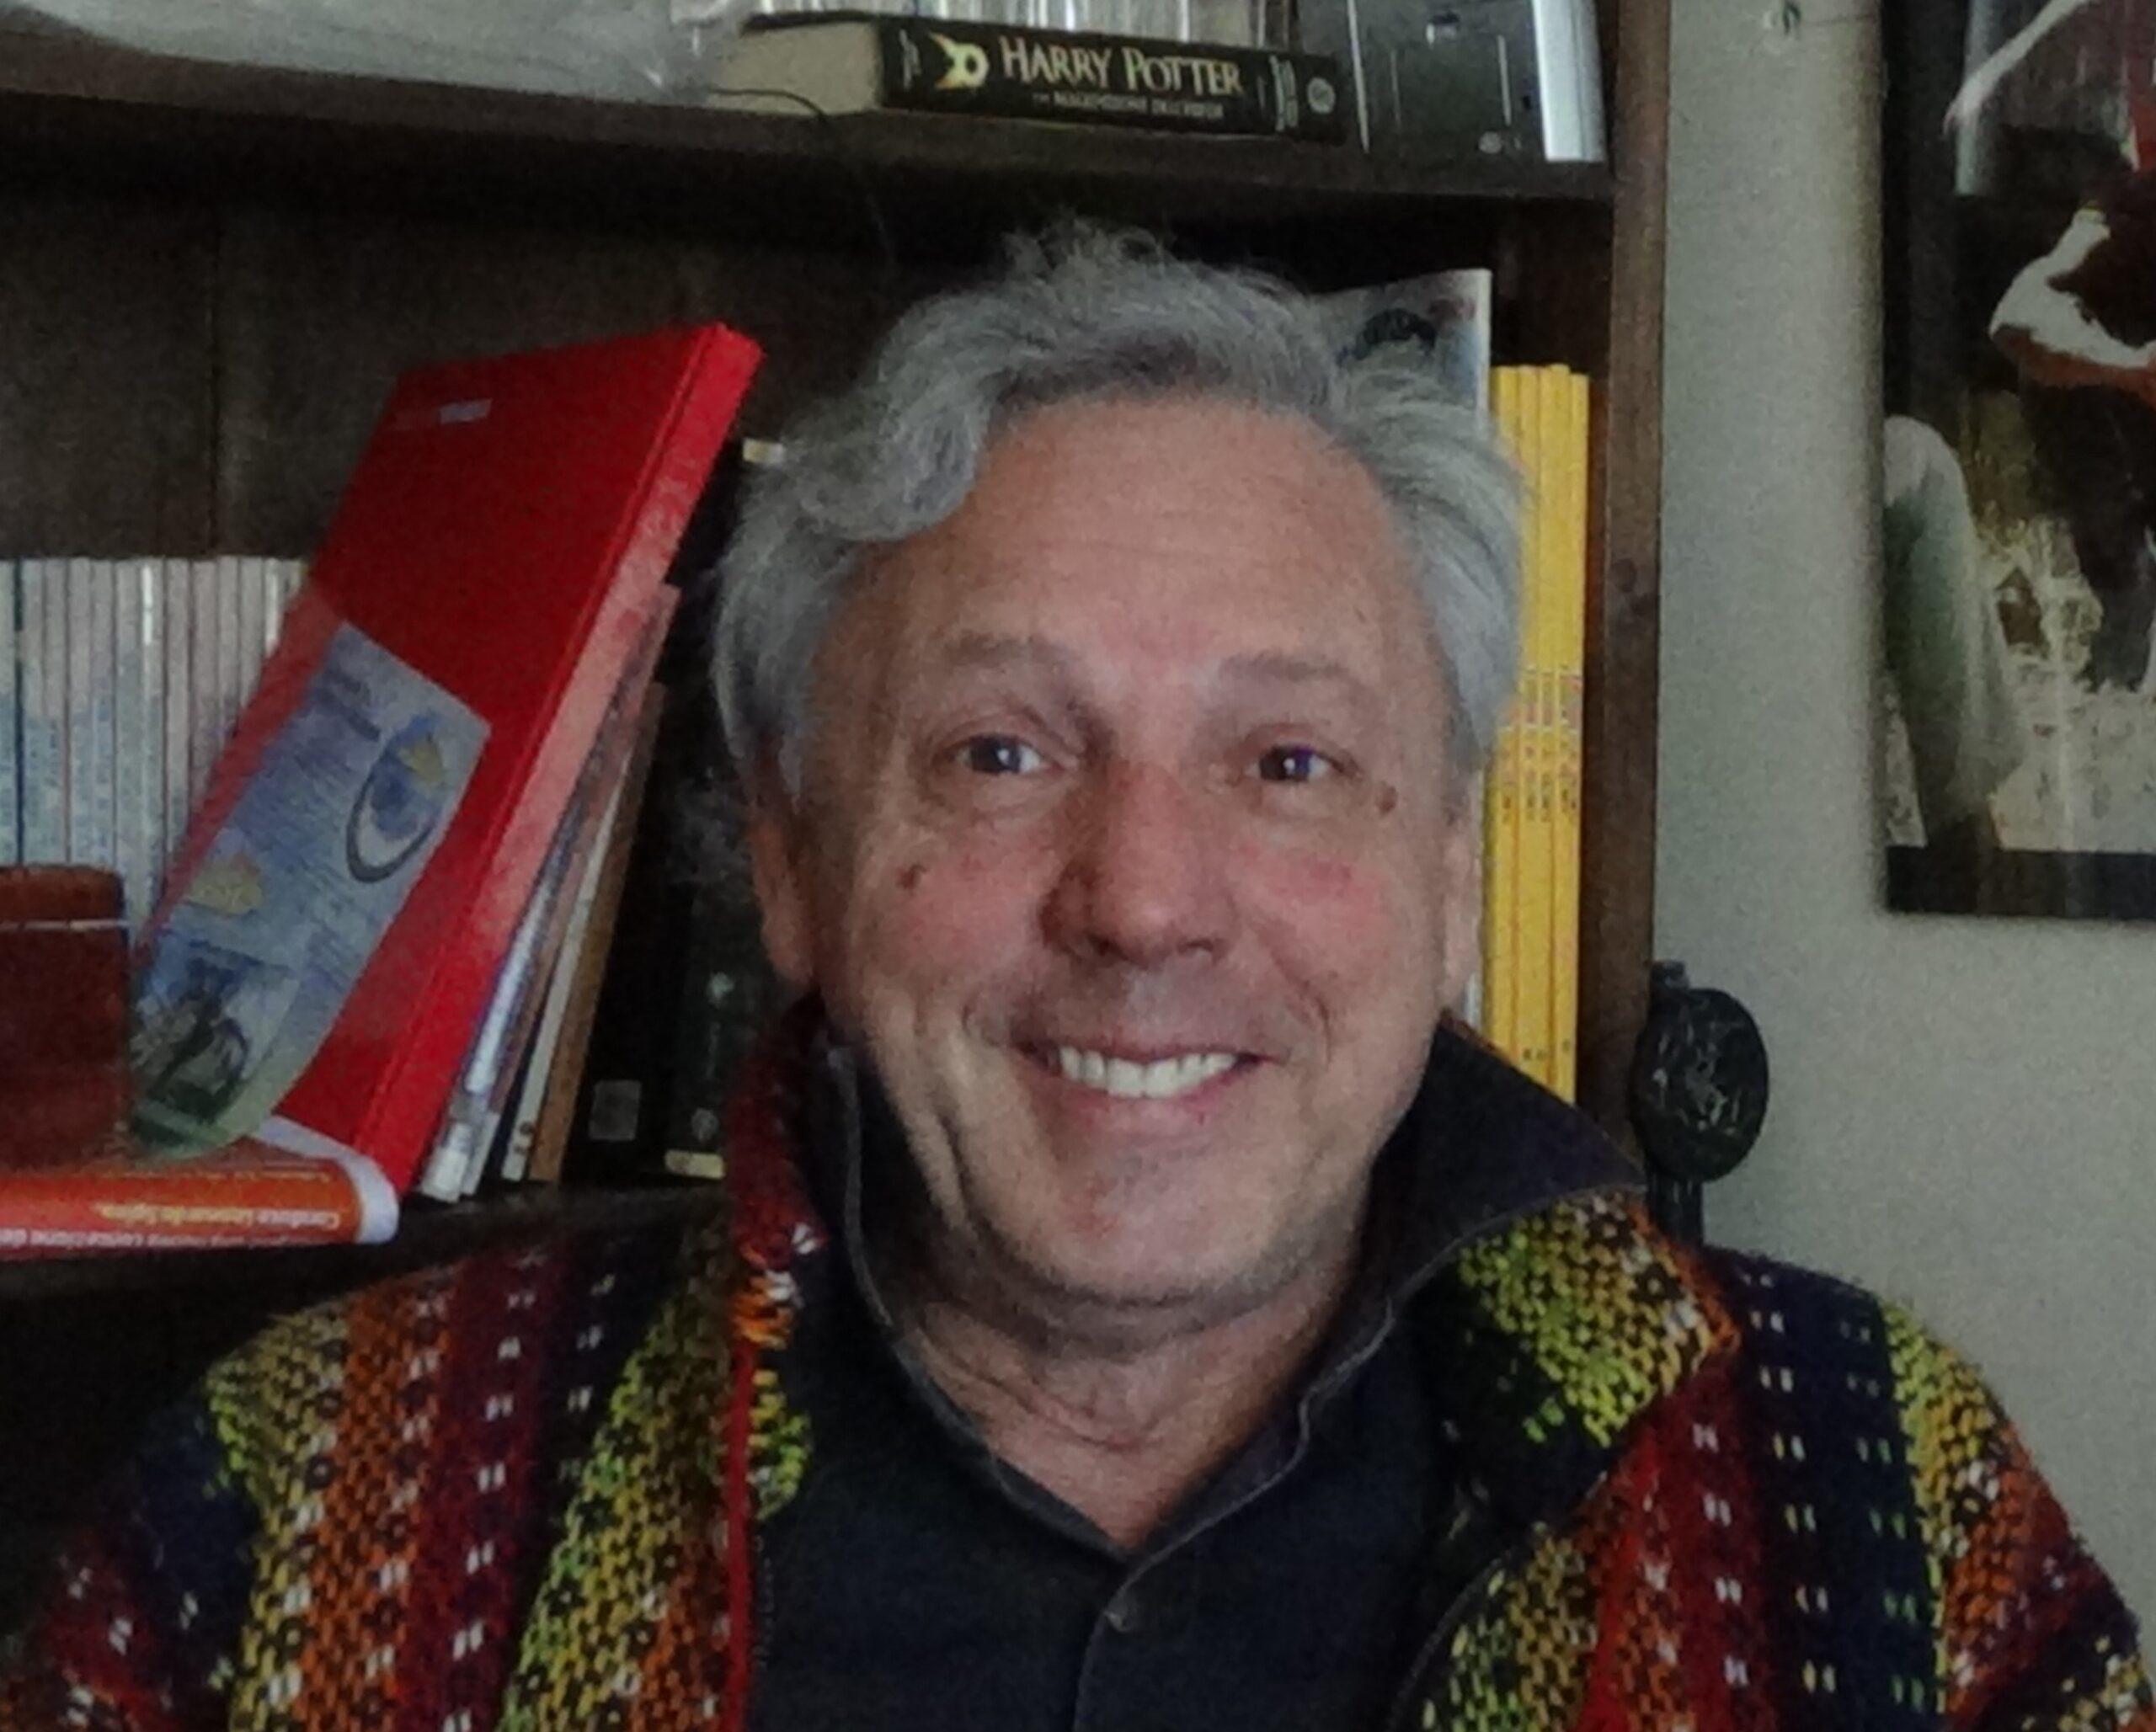 IL PRIMO CORSO ONLINE INTERATTIVO DI COMICOTERAPIA (GELOTOLOGIA)